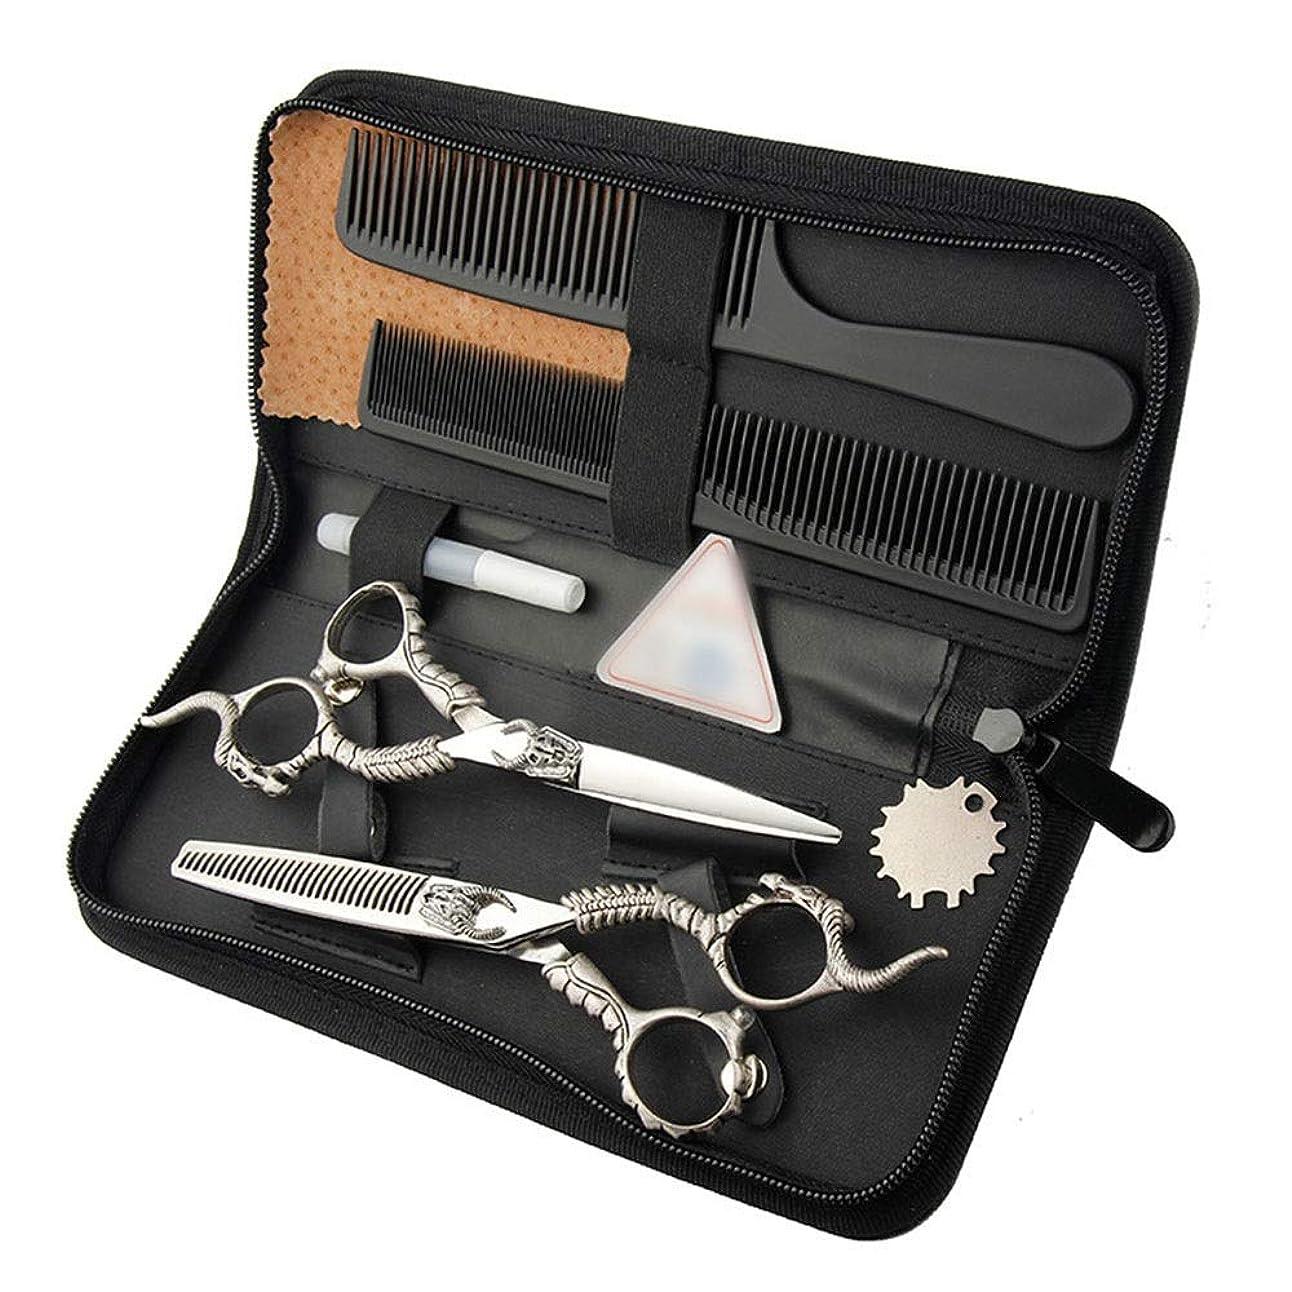 ウィスキースリチンモイミリメーター6インチ美容院プロのヘアカットレトロハンドルはさみツールセット モデリングツール (色 : Silver)